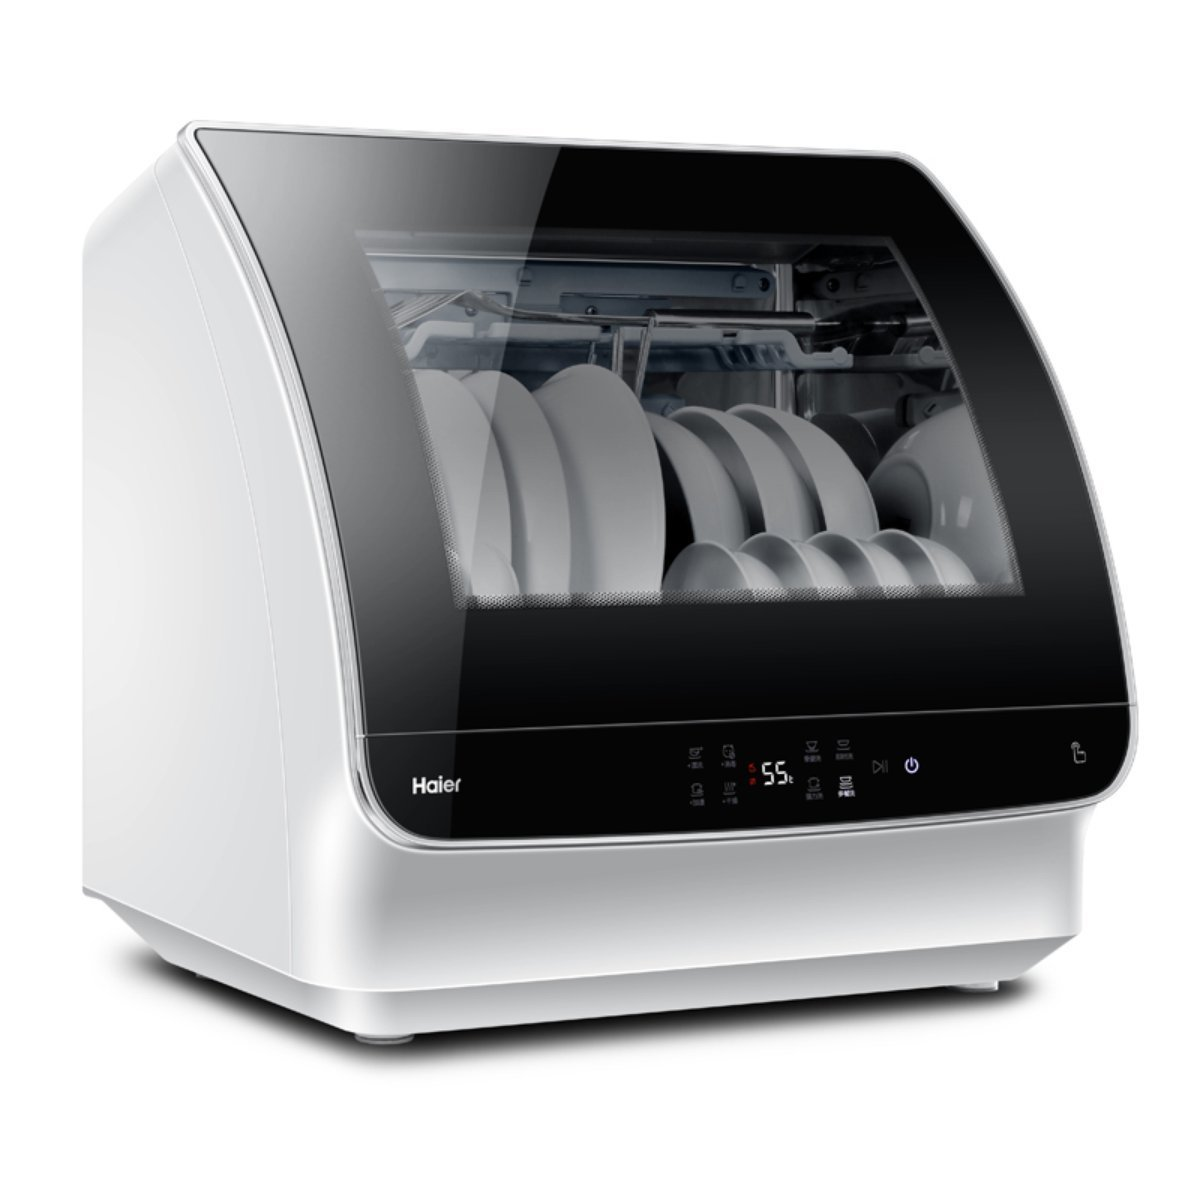 Máy rửa chén Hale bếp điện HTAW50STGB rửa bát công suất lớn nhỏ khắp nước bao phủ đến nhiệt độ cao d